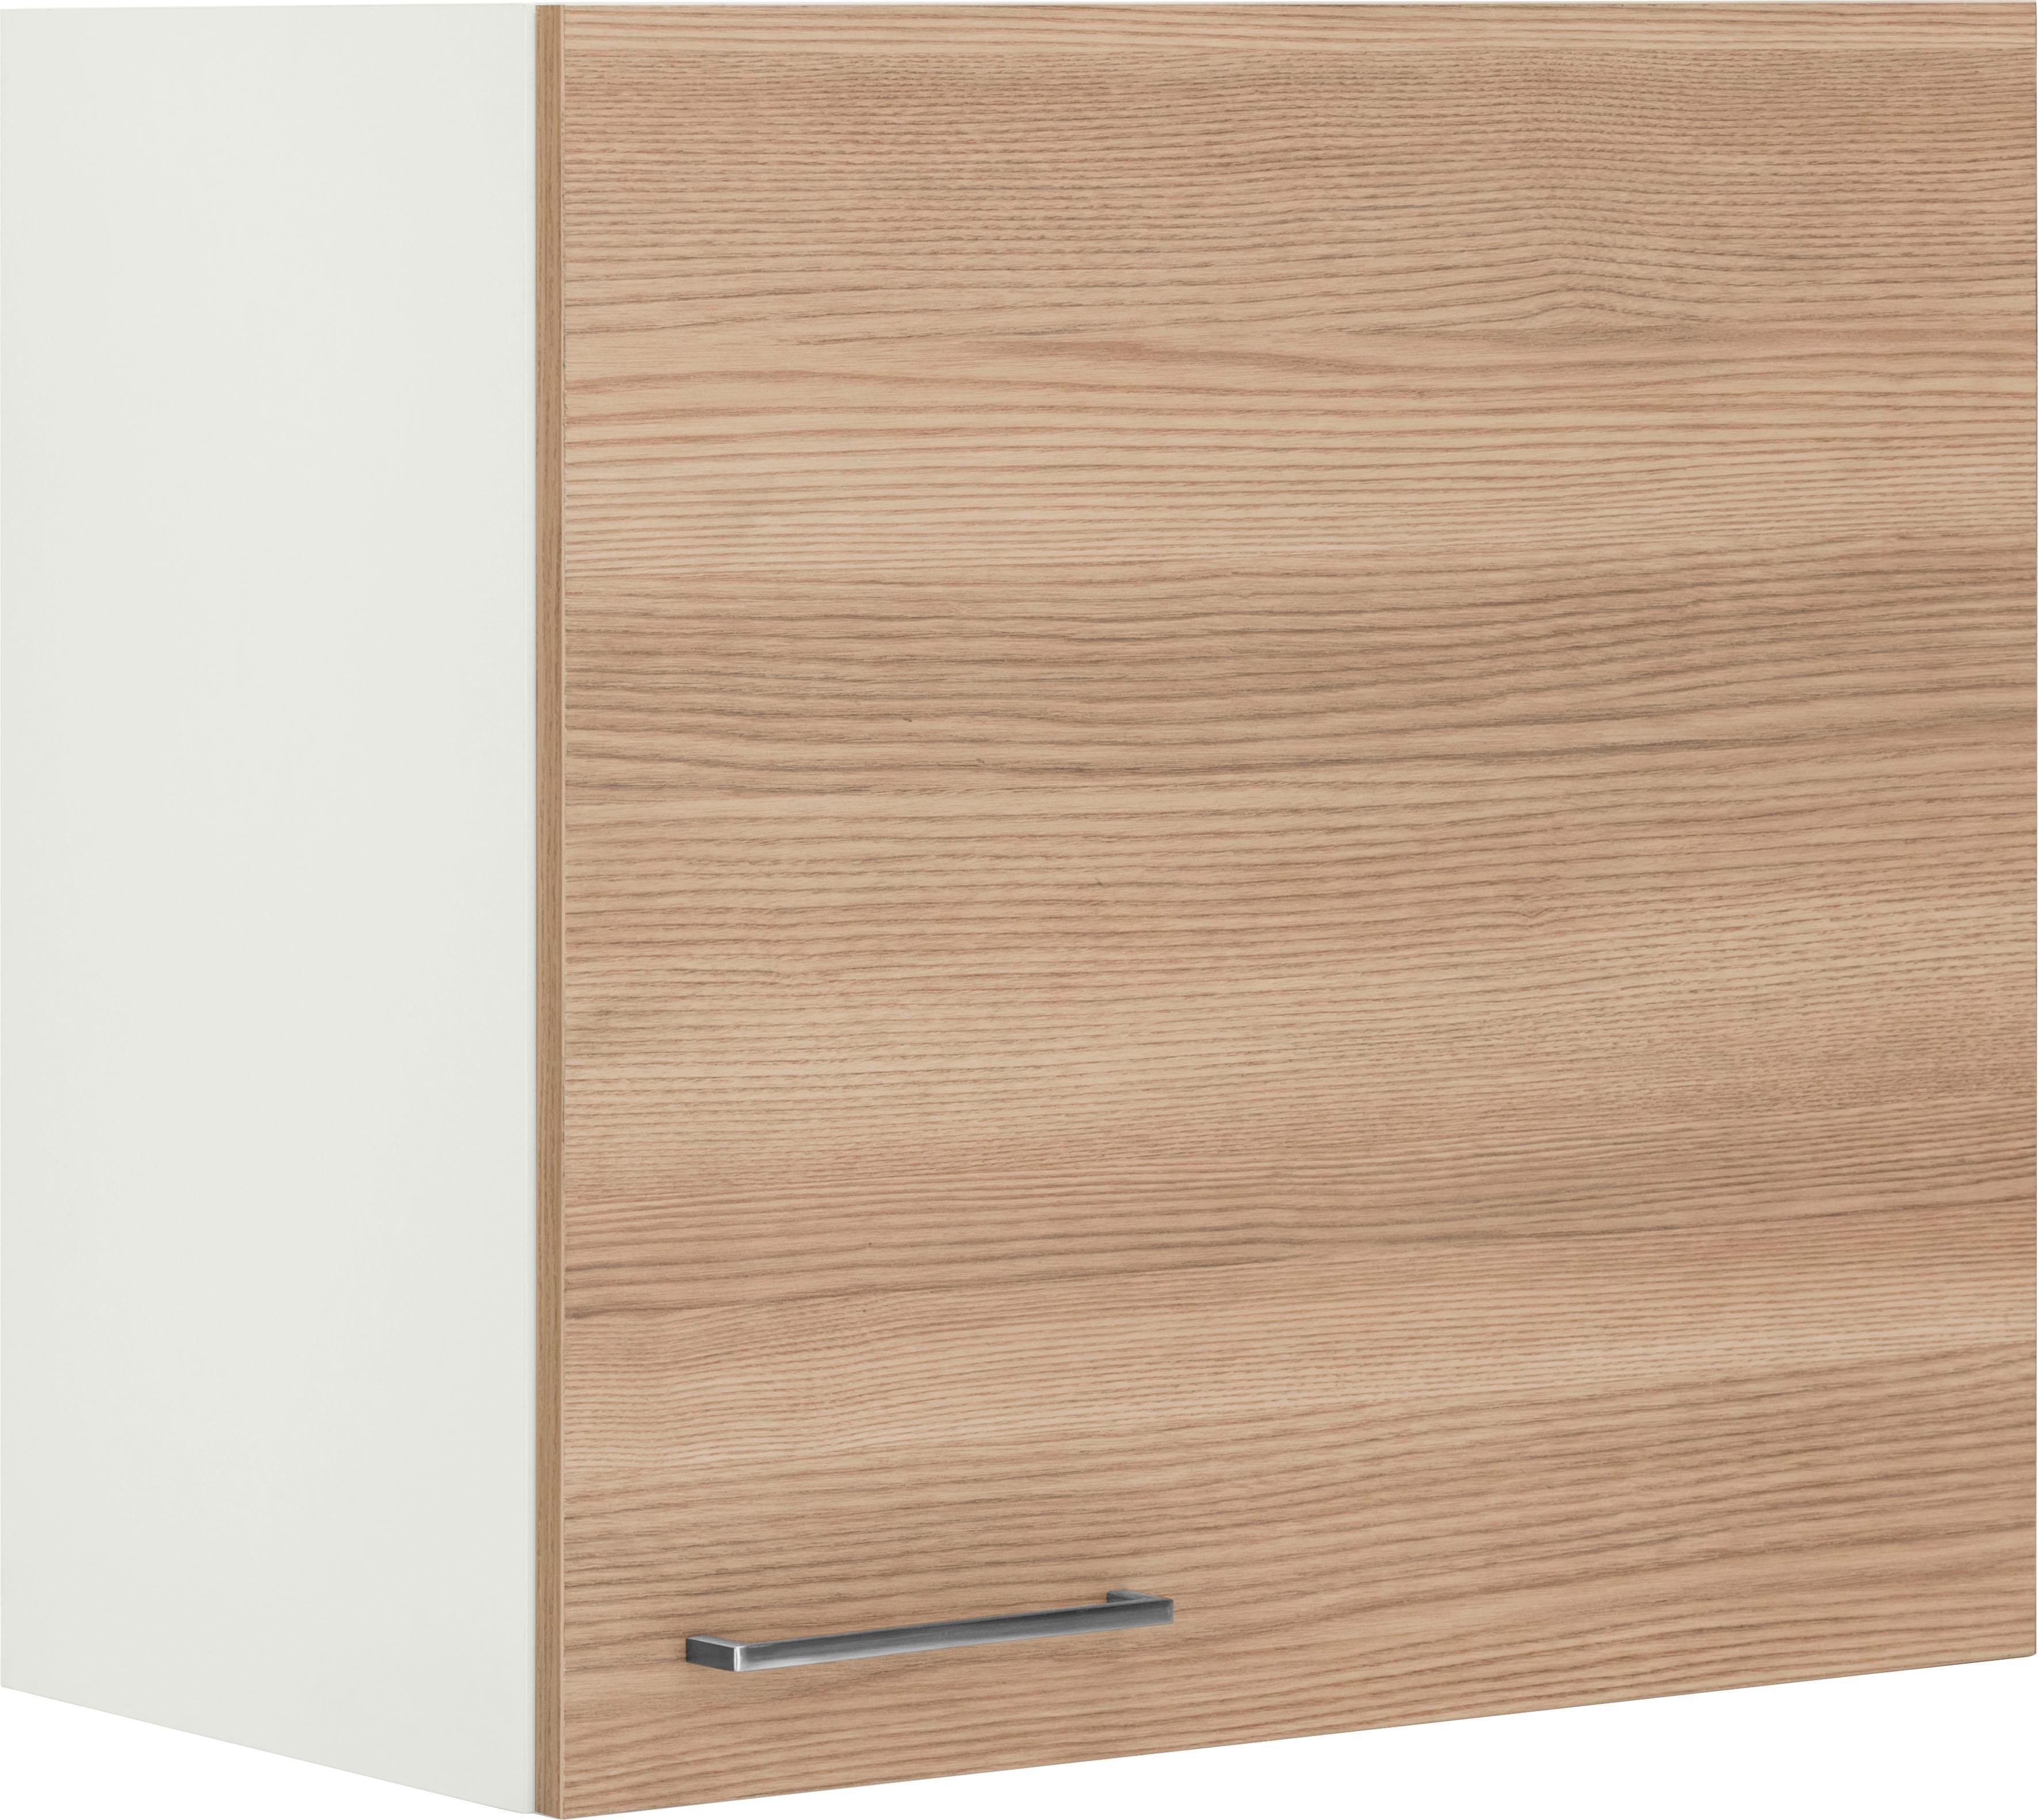 WIHO Küchen Hängeschrank Zell Breite 60 cm   Küche und Esszimmer > Küchenschränke > Küchen-Hängeschränke   Weiß   Melamin   Wiho Küchen